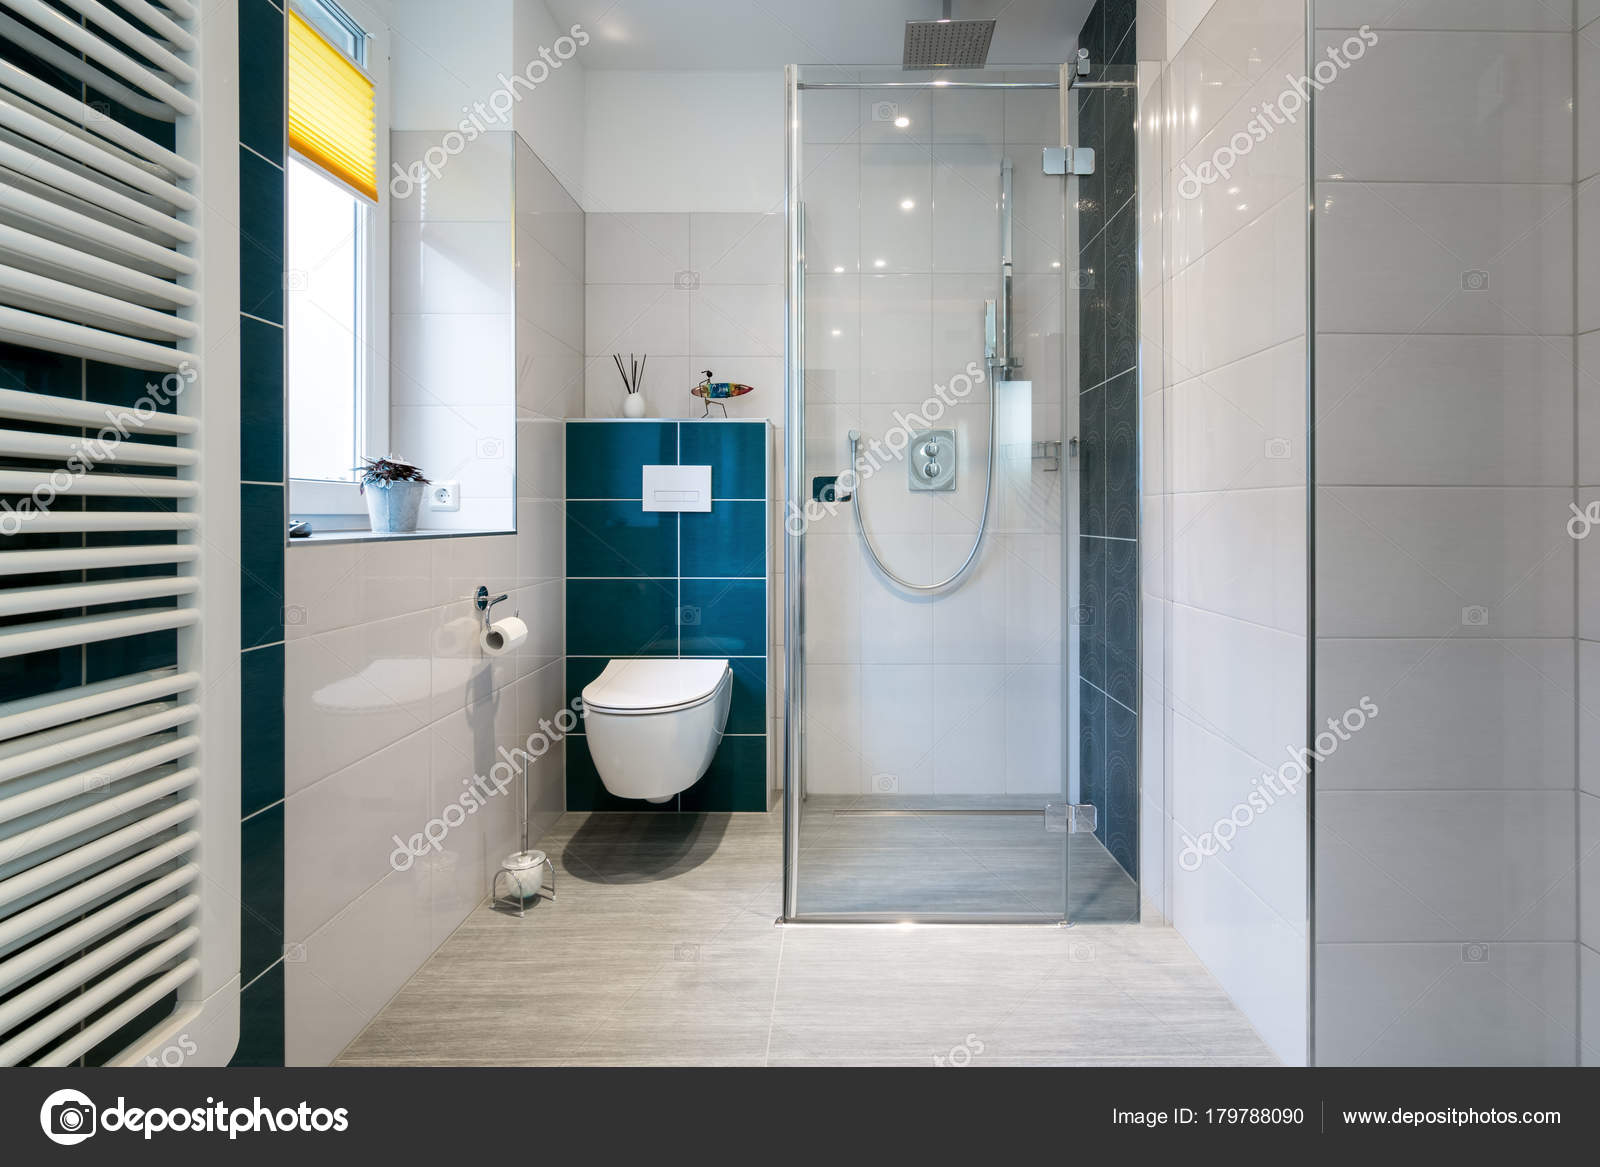 Luxus Badezimmer Mit Begehbarer Dusche Aus Glas   Horizontalen Schuss Von  Einem Luxus Badezimmer